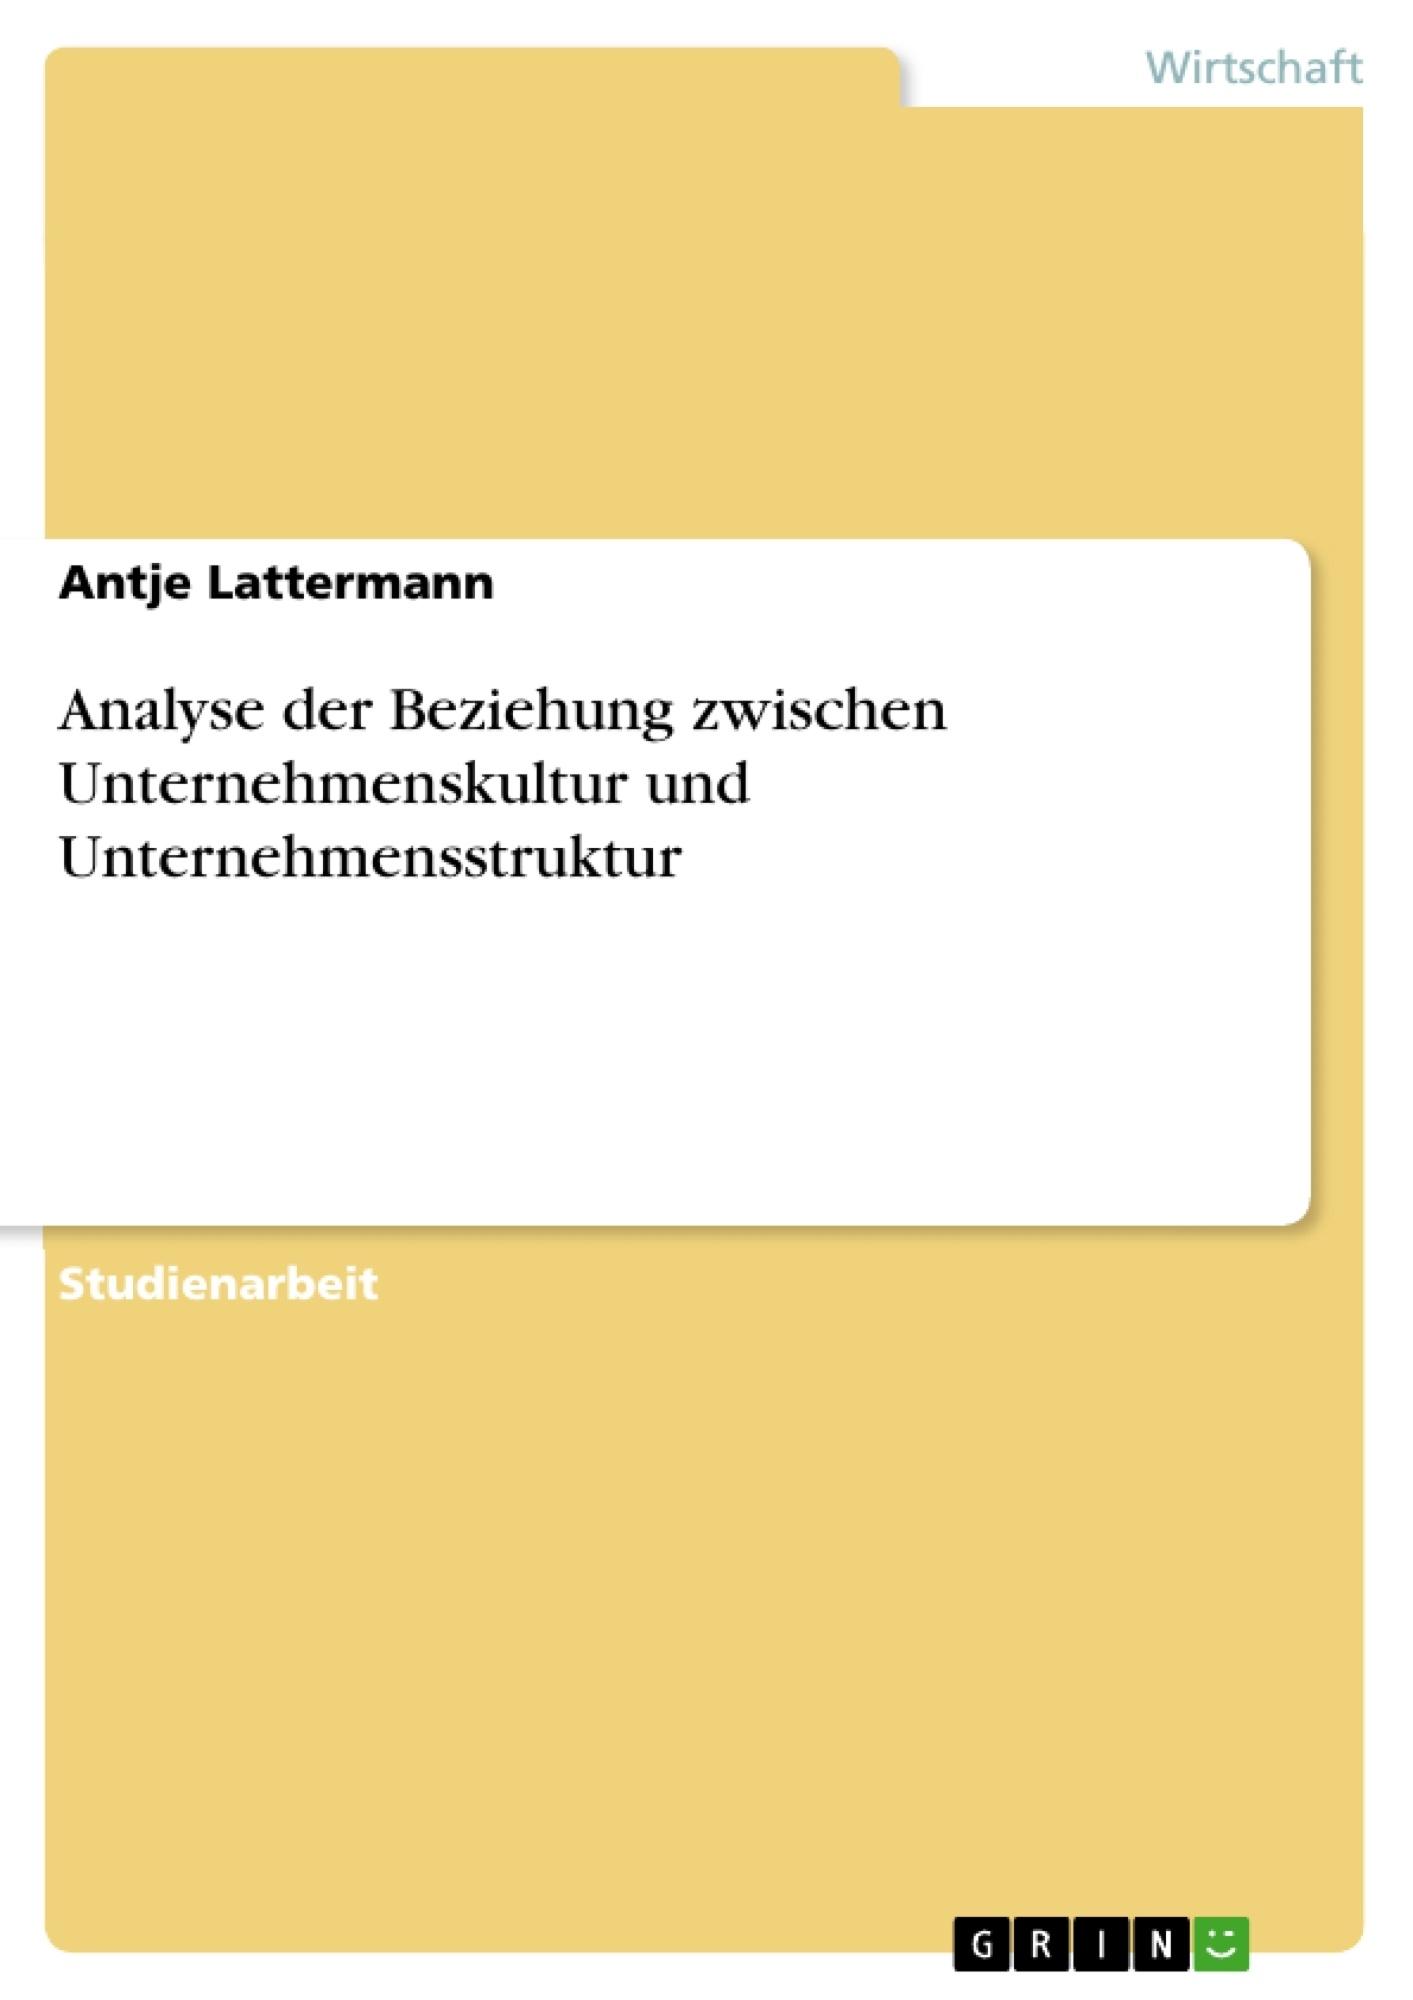 Titel: Analyse der Beziehung zwischen Unternehmenskultur und Unternehmensstruktur